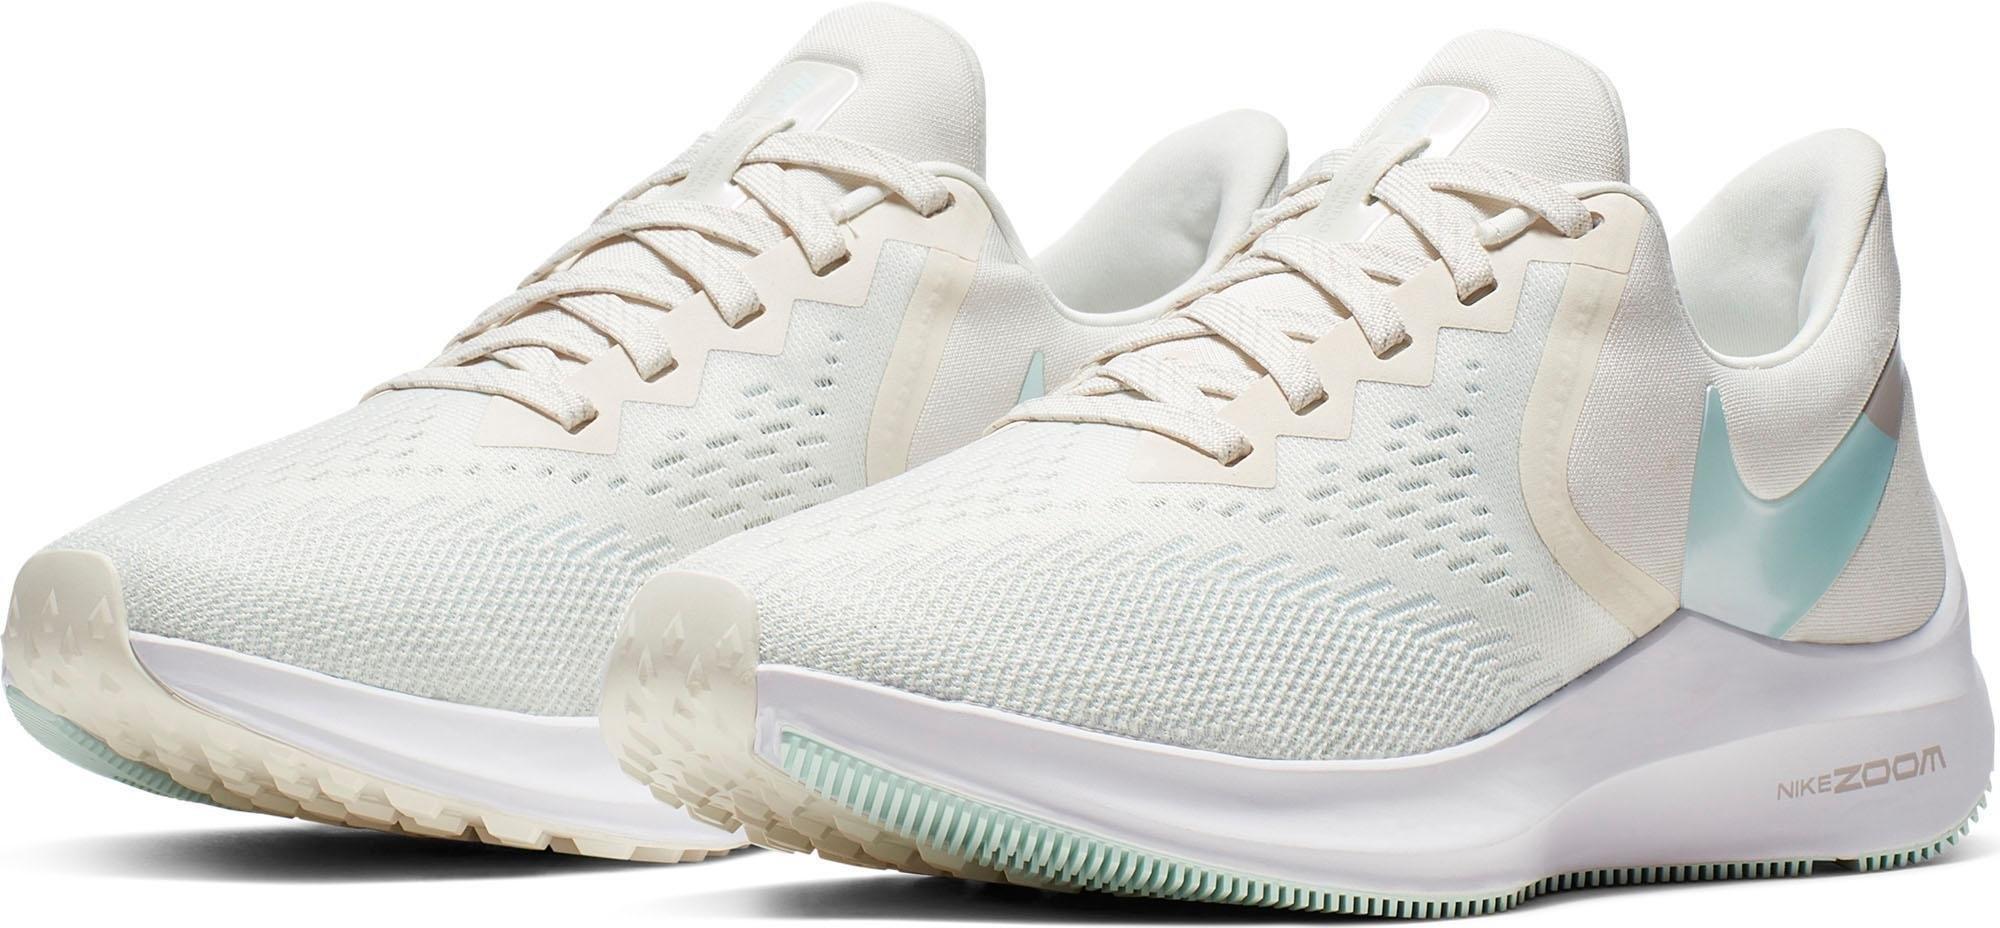 Op zoek naar een Nike runningschoenen »Wmns Zoom Winflo 6«? Koop online bij OTTO